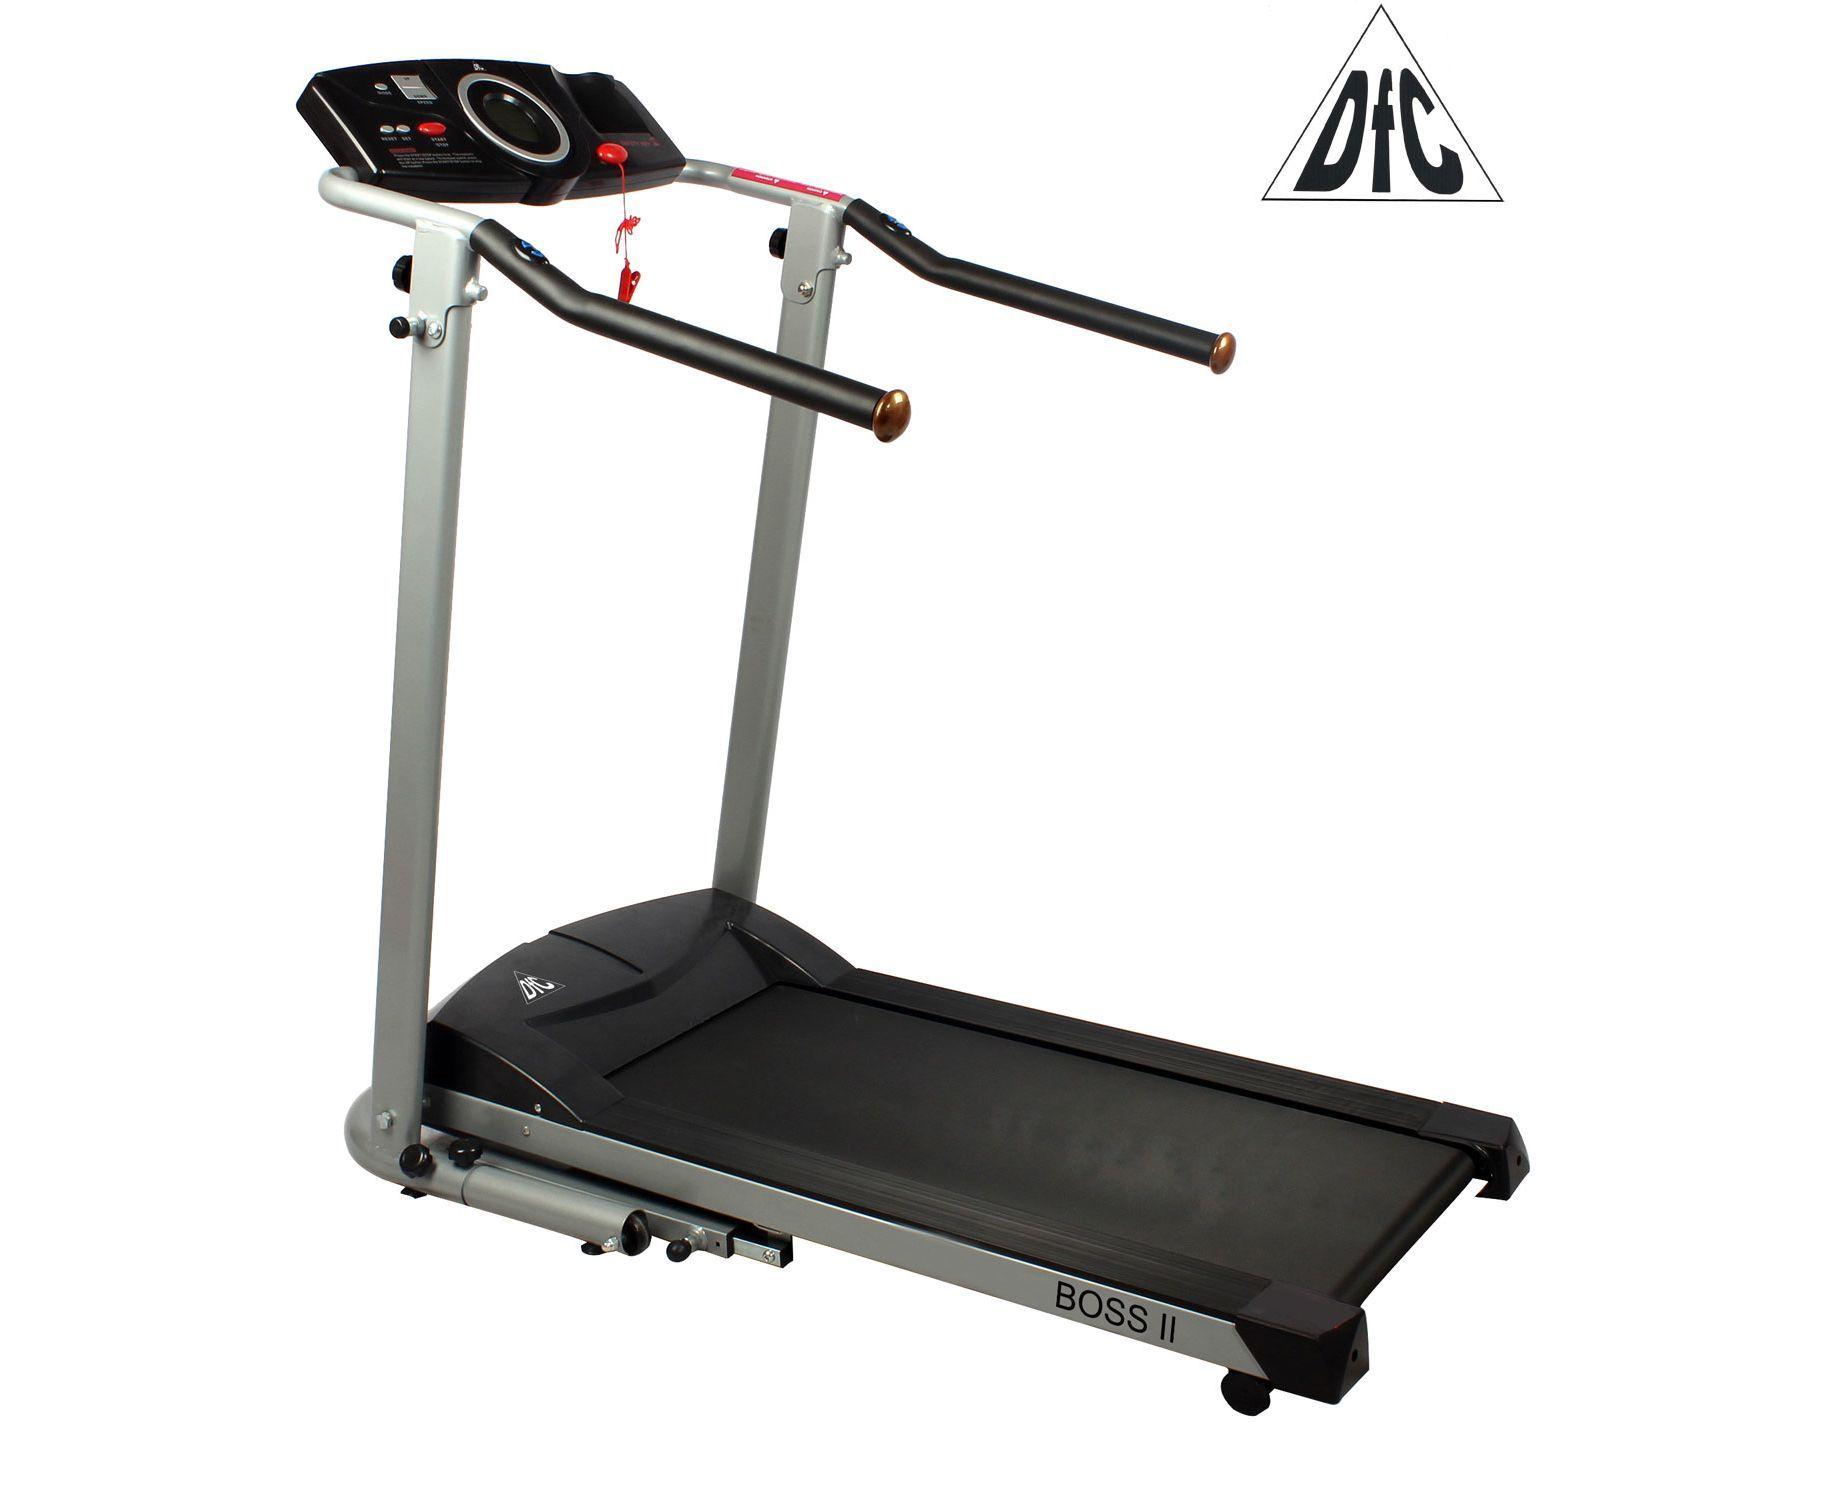 Dryada-sport / Treadmill DFC BOSS II T-B2 for rehabilitation